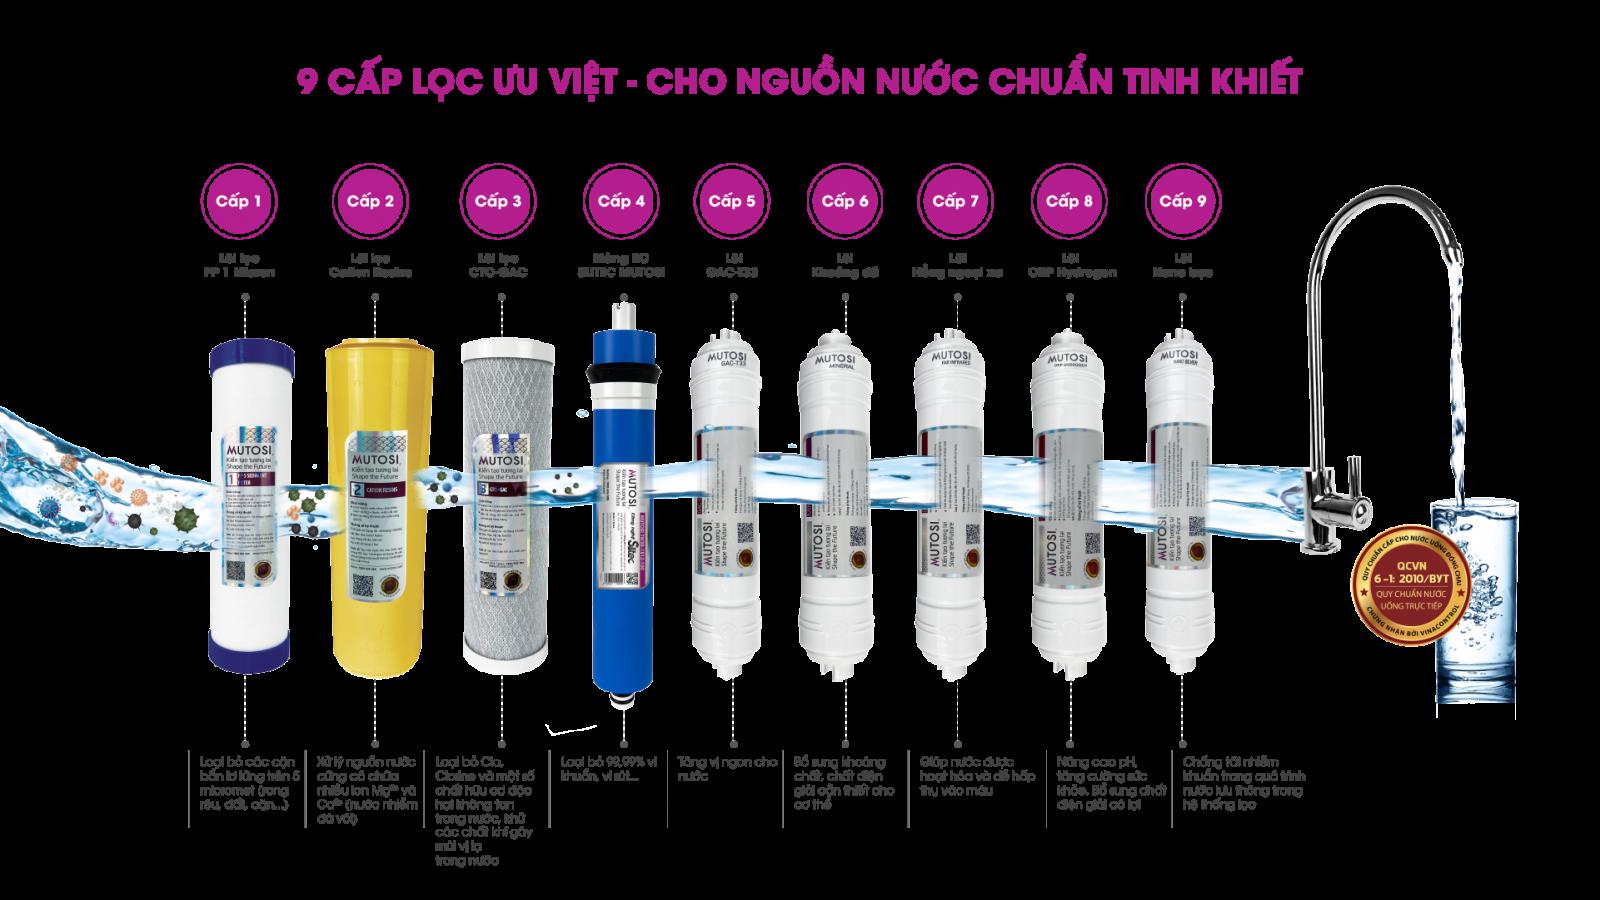 Máy lọc nước Mutosi không tủ 9 lõi MP-291-NC